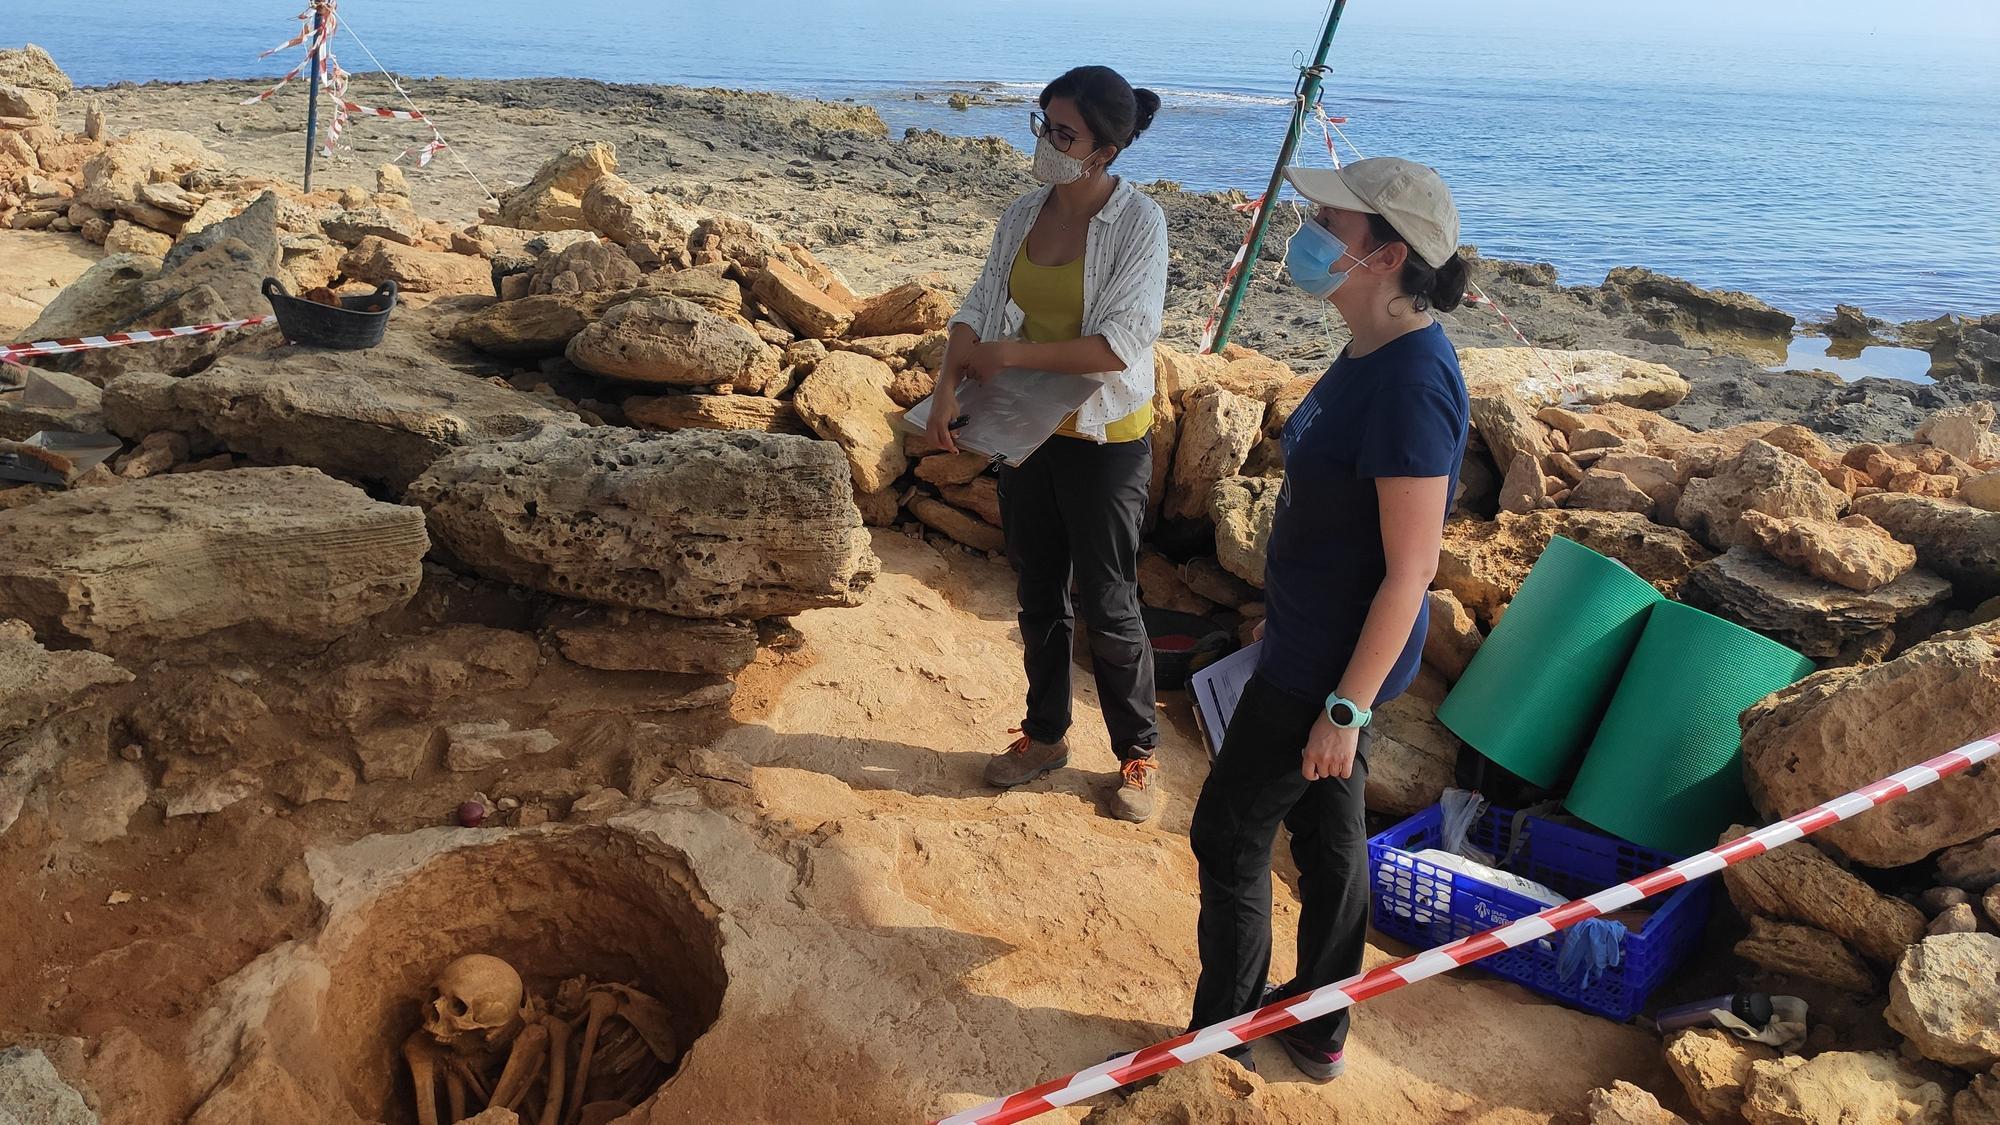 Aparecen los restos de un individuo adulto en una tumba inexplorada de Son Real